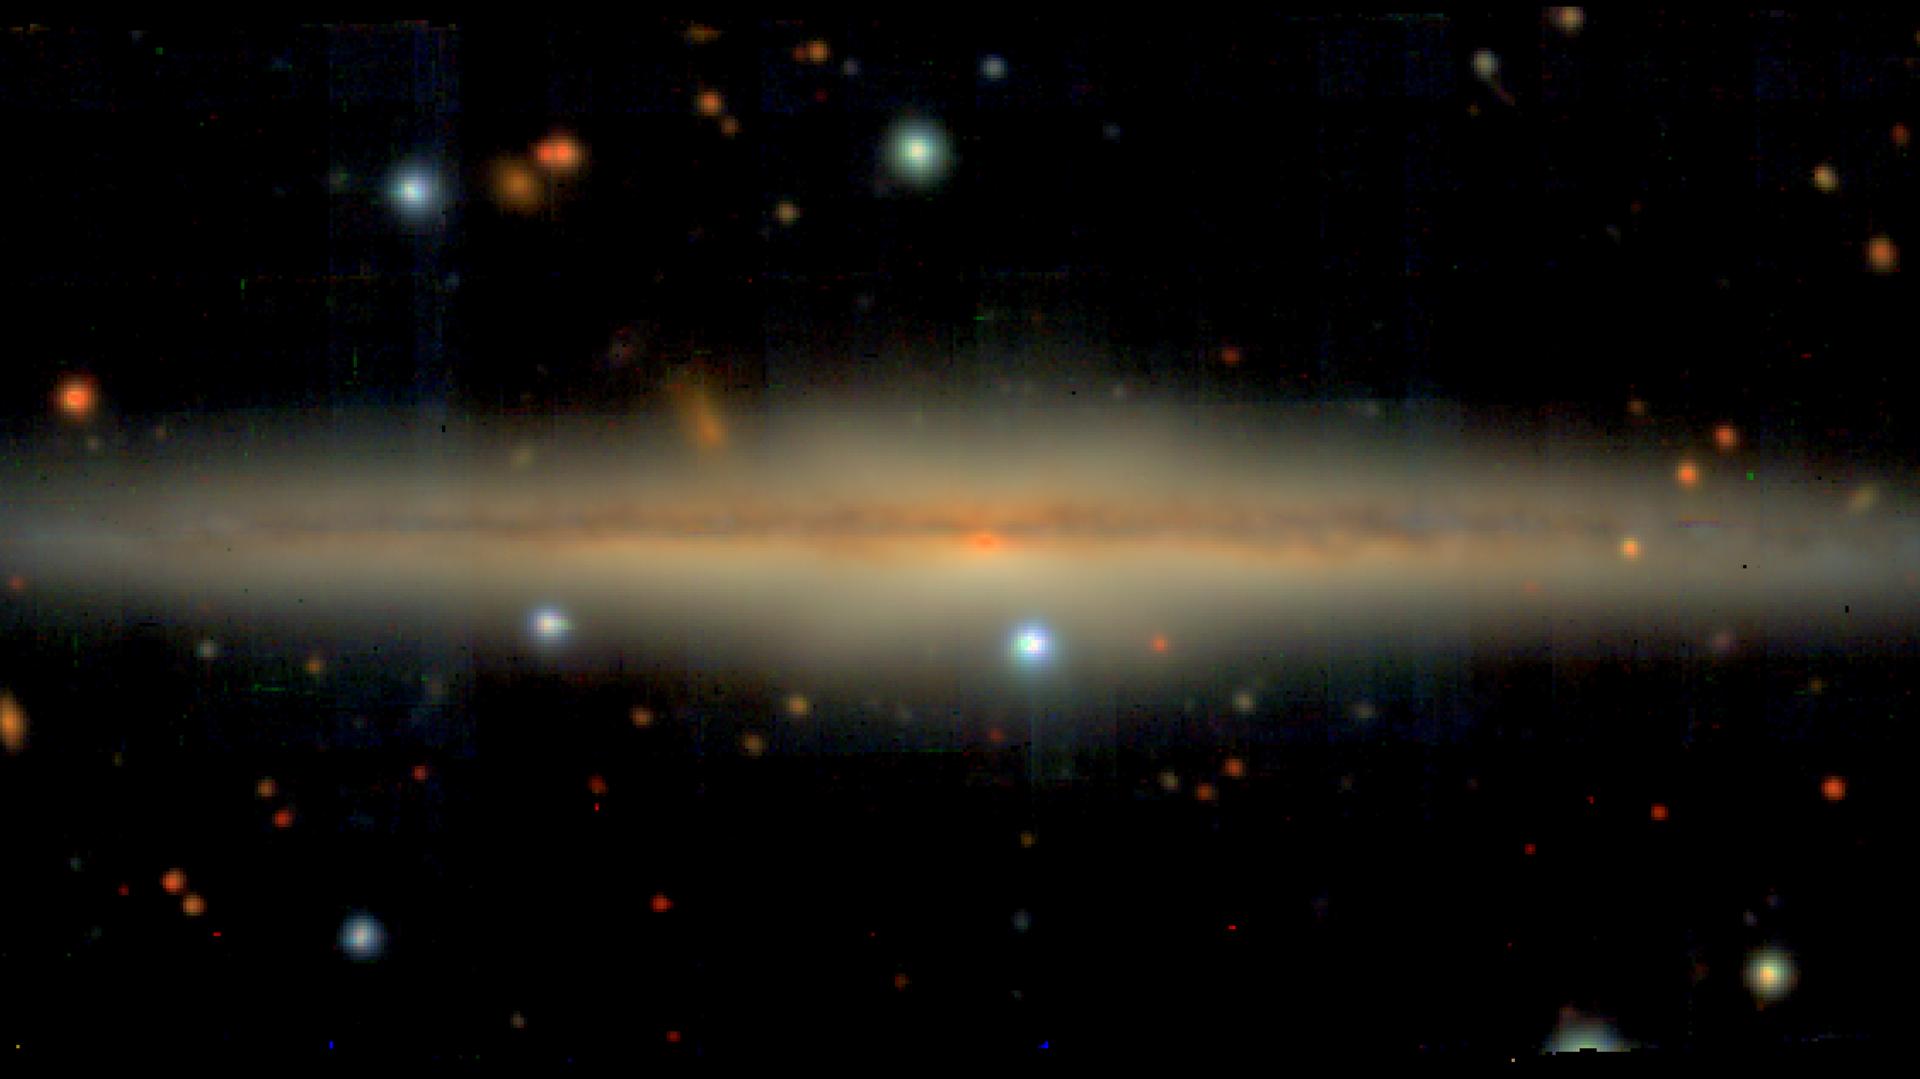 Найдена галактика-близнец Млечного Пути